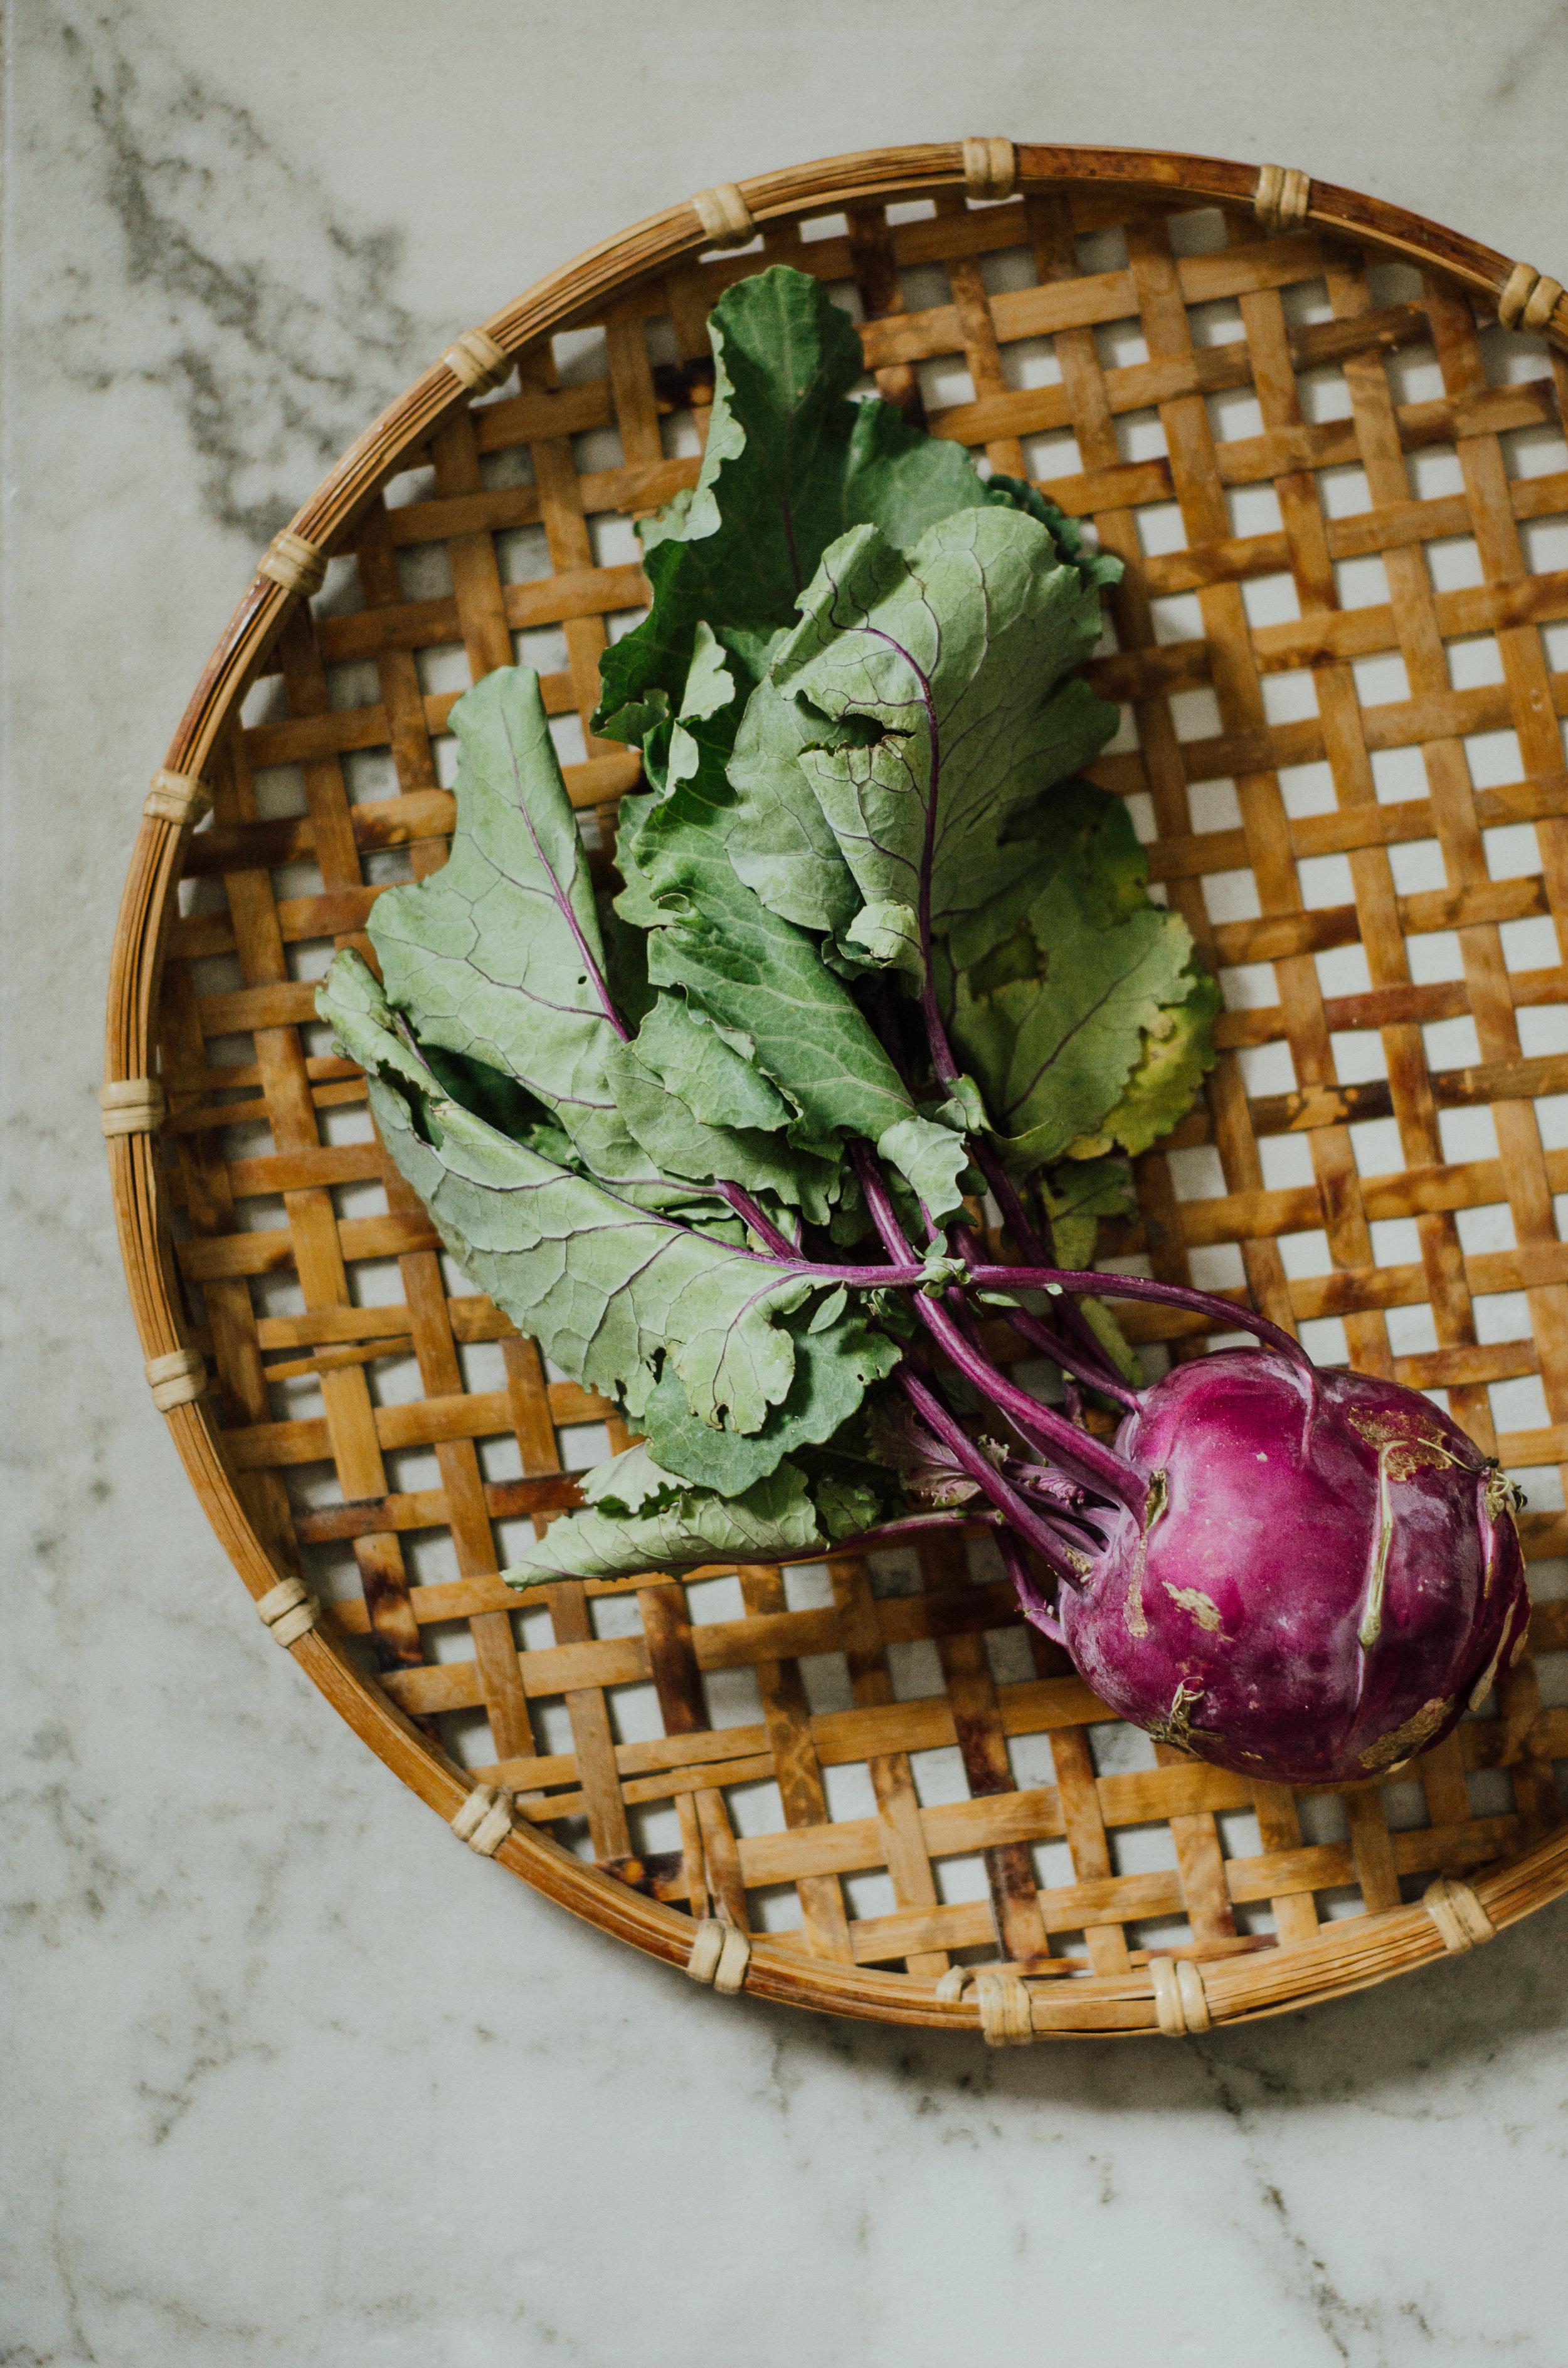 kohlrabi, kale & carrot summer bowl - the nomadic wife - riverbend gardens